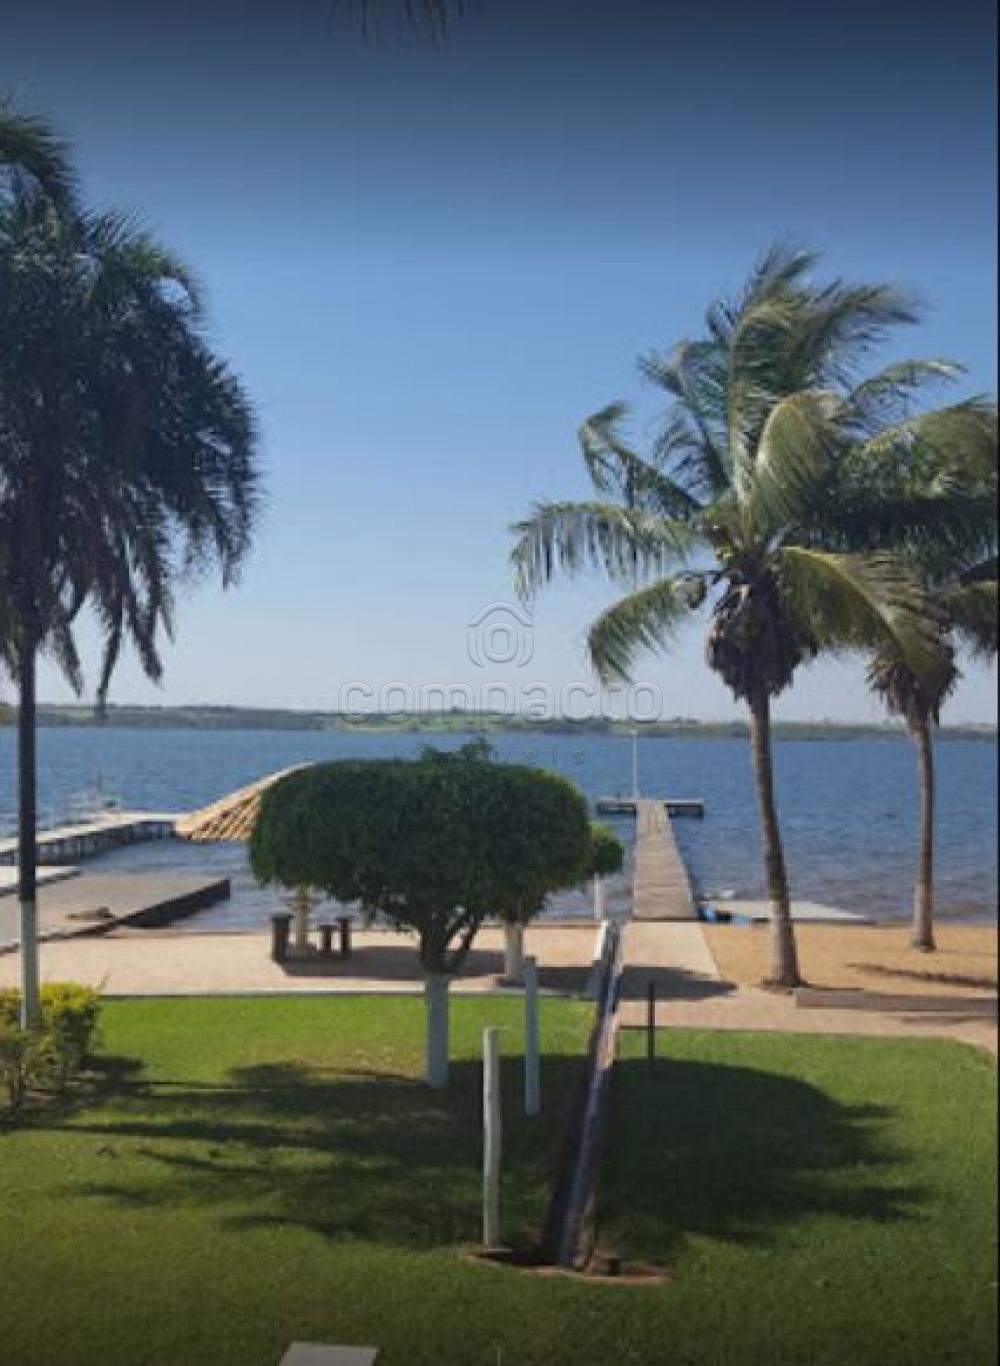 Comprar Terreno / Condomínio em Zacarias apenas R$ 80.000,00 - Foto 3